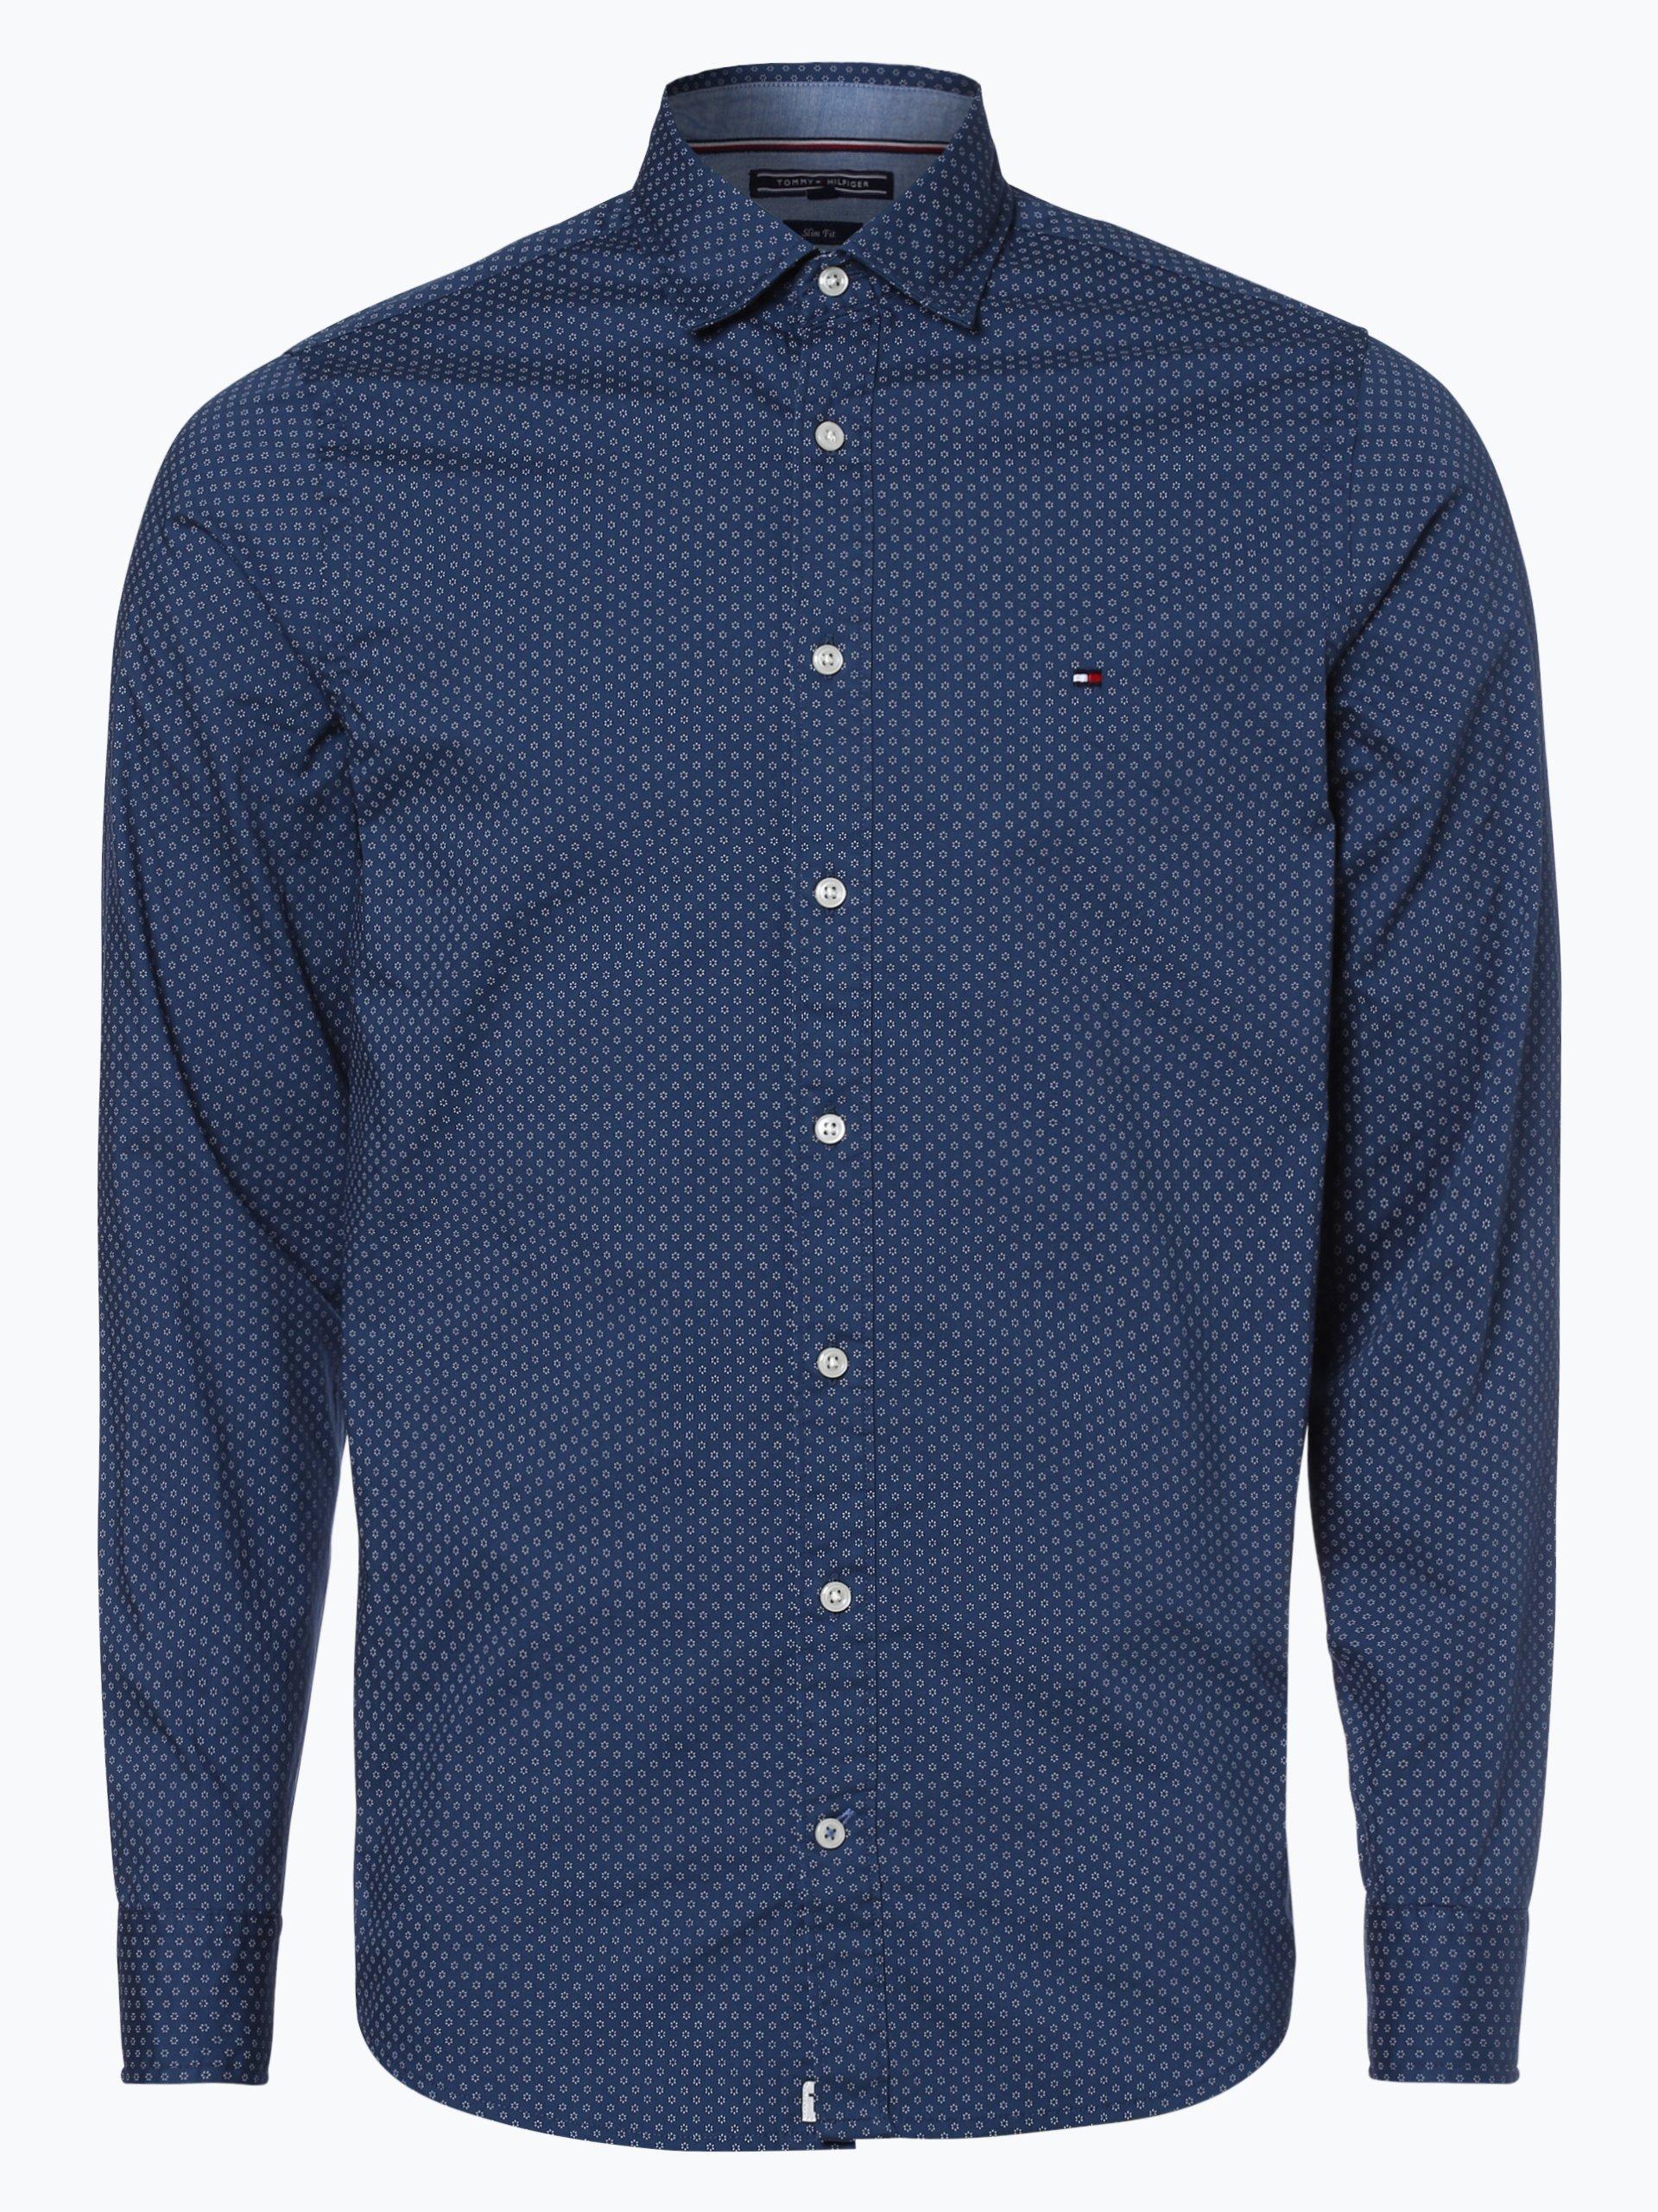 tommy hilfiger herren hemd indigo gemustert online kaufen. Black Bedroom Furniture Sets. Home Design Ideas